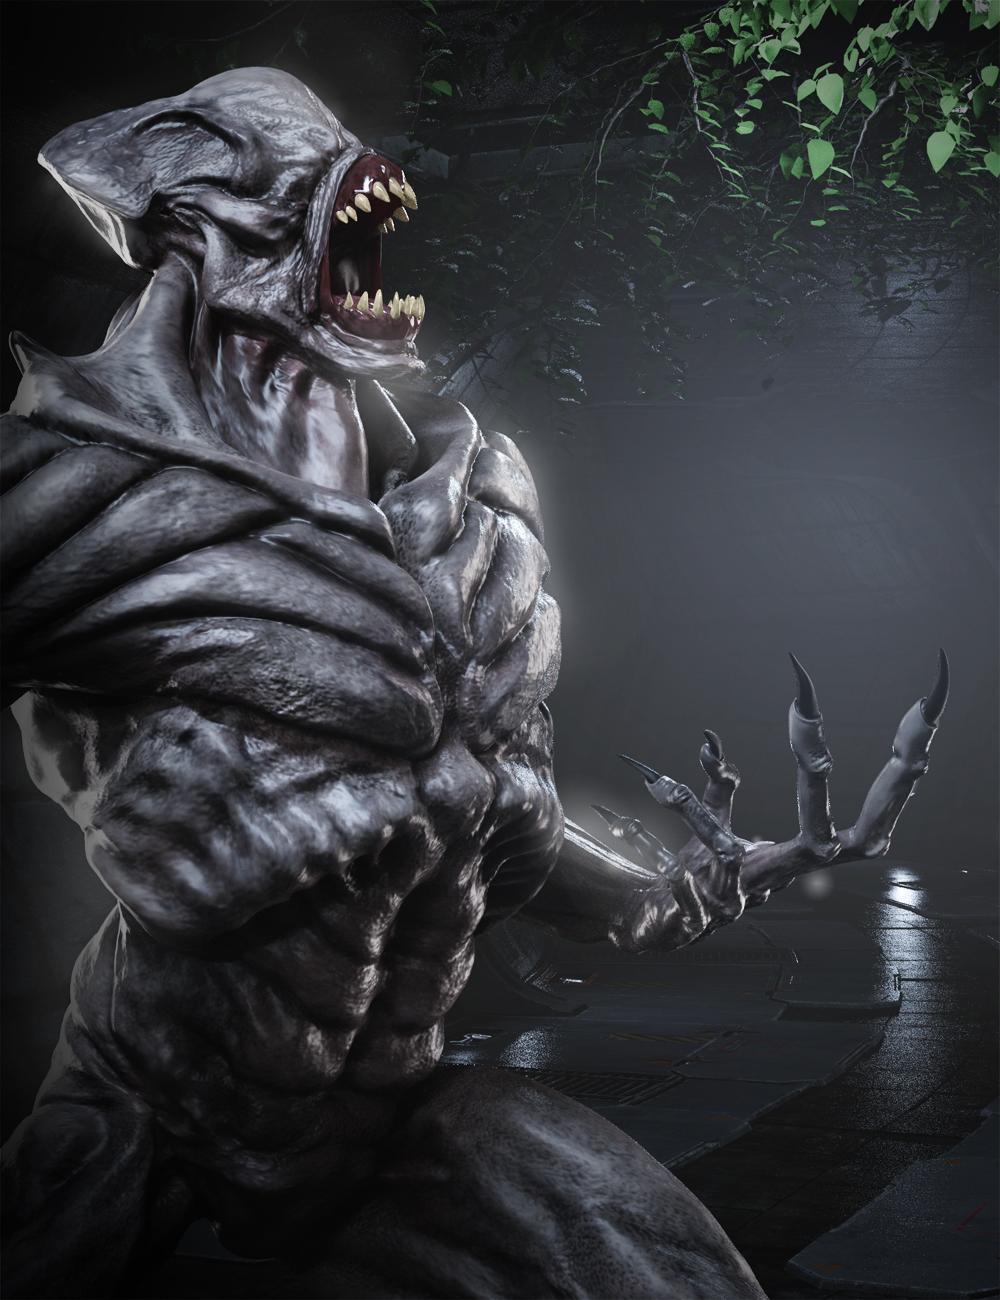 Doom Demon HD for Genesis 8 Male by: Josh Crockett, 3D Models by Daz 3D